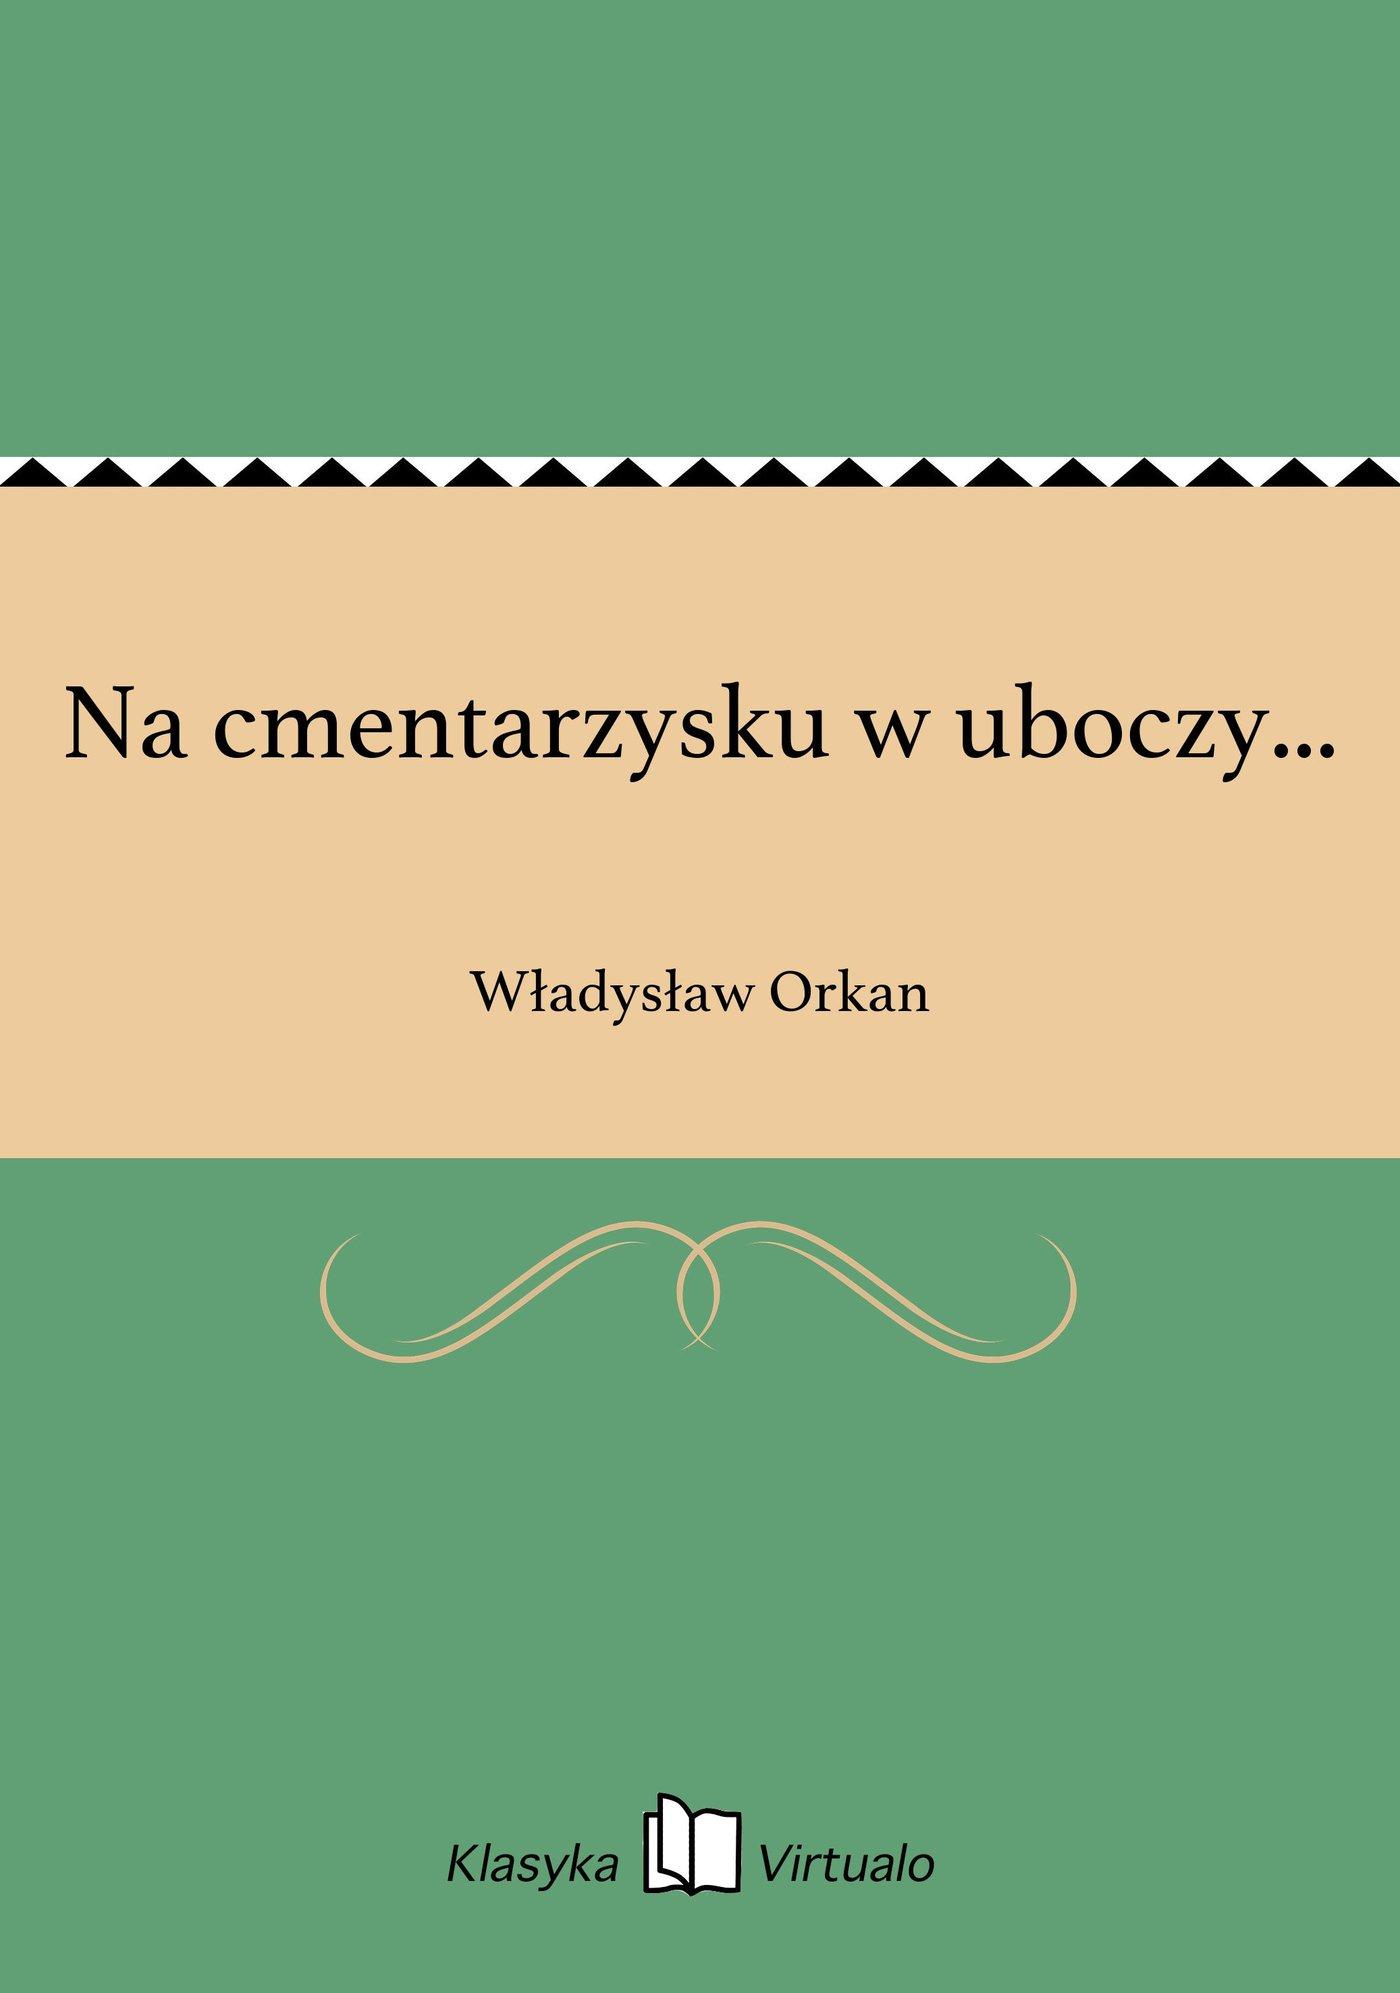 Na cmentarzysku w uboczy... - Ebook (Książka EPUB) do pobrania w formacie EPUB